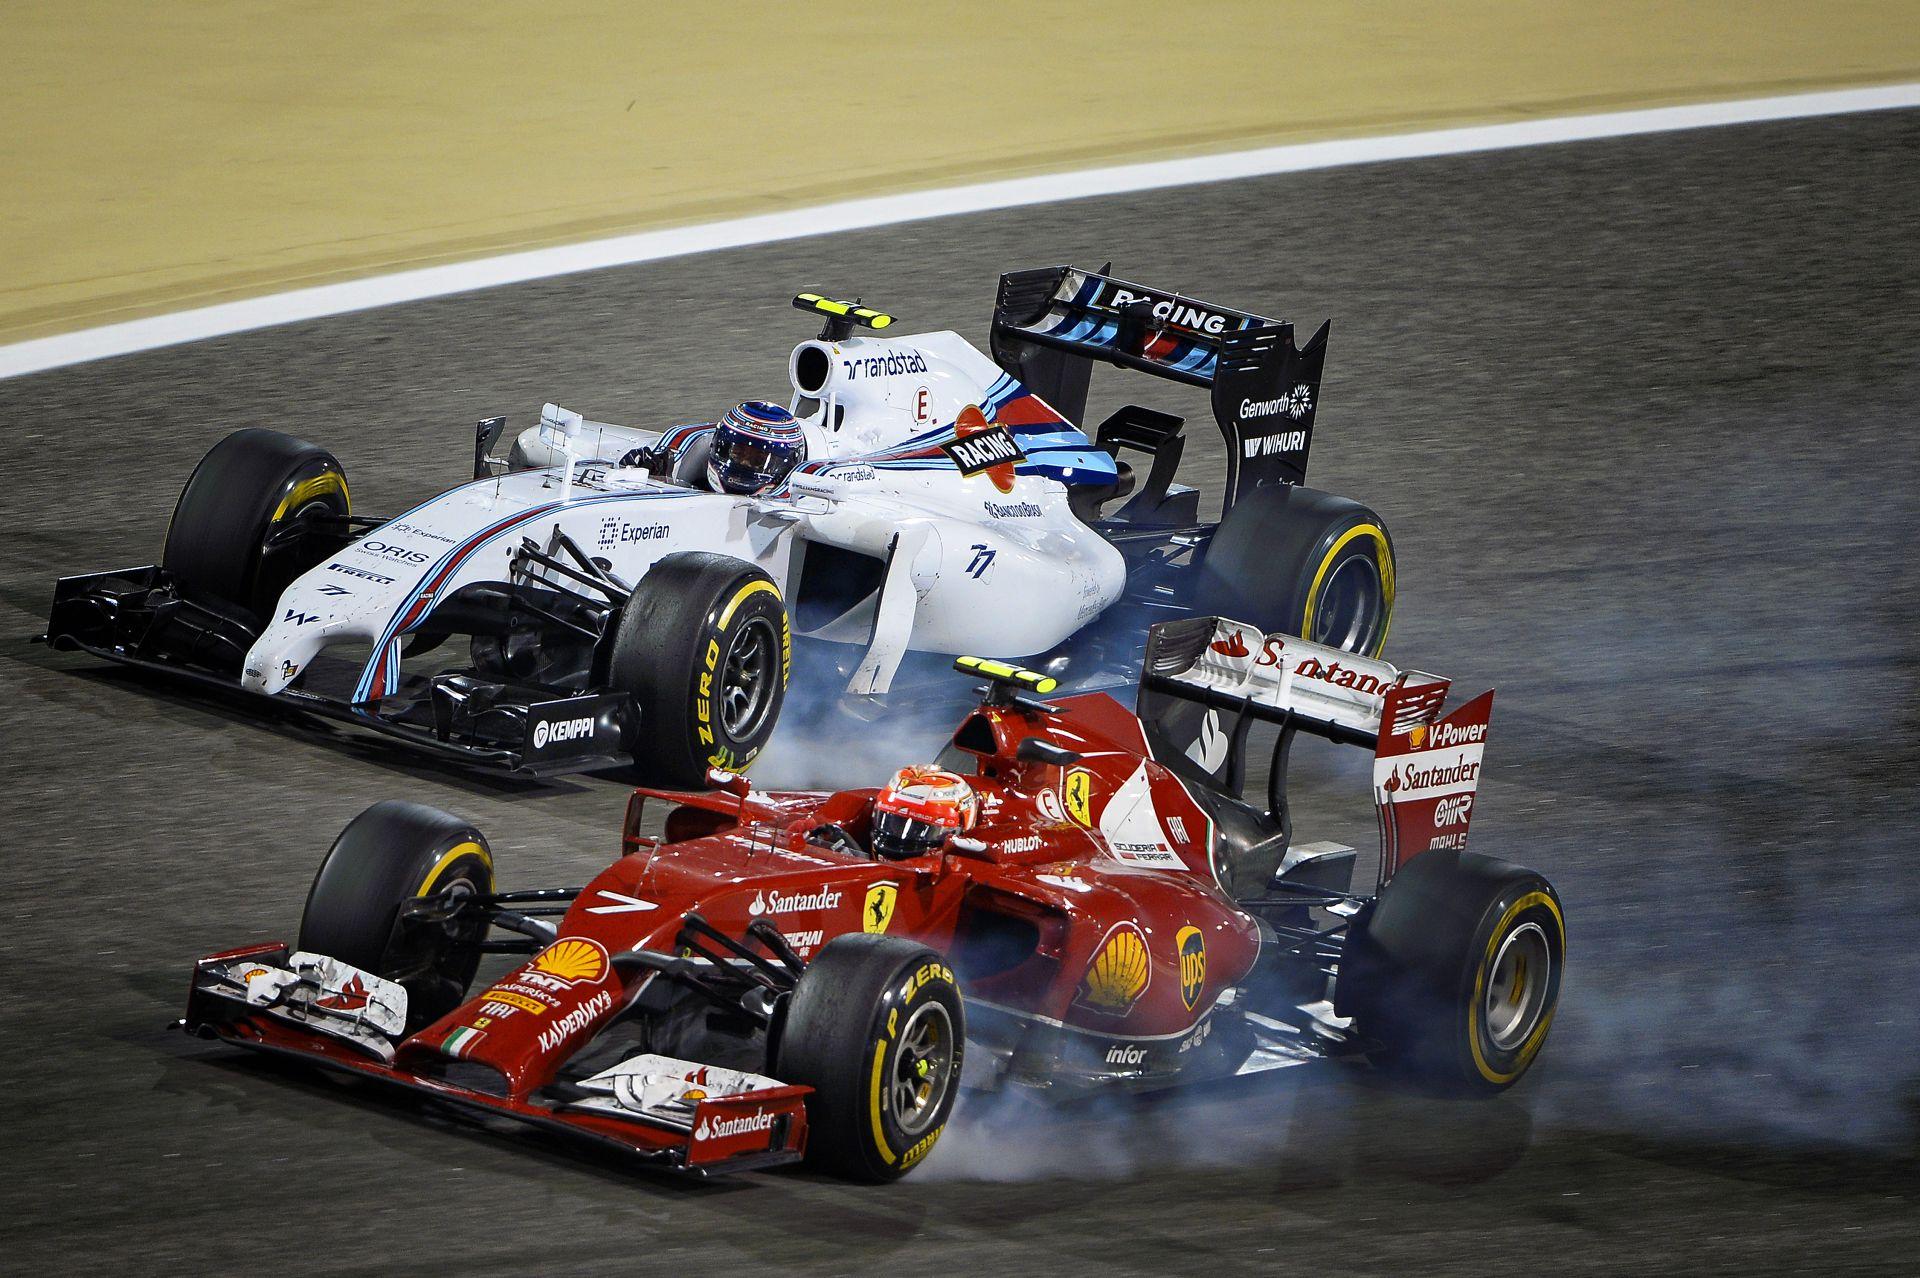 Williams: Nem a mi hibánk, hogy a Ferrari mögött vagyunk